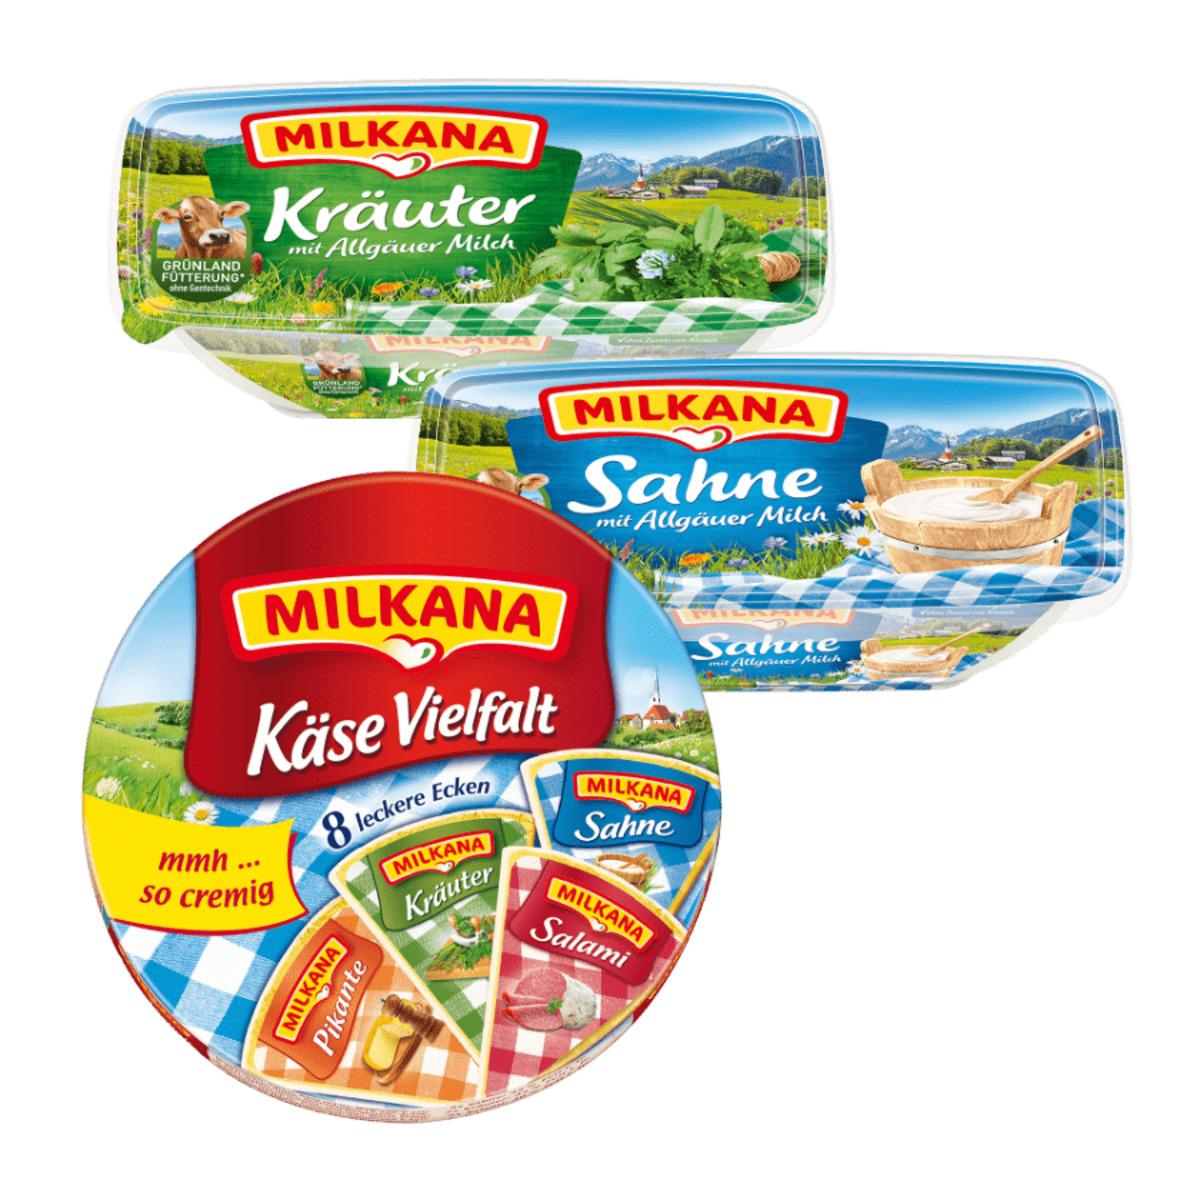 Bild 1 von Milkana Schmelzkäsezubereitung